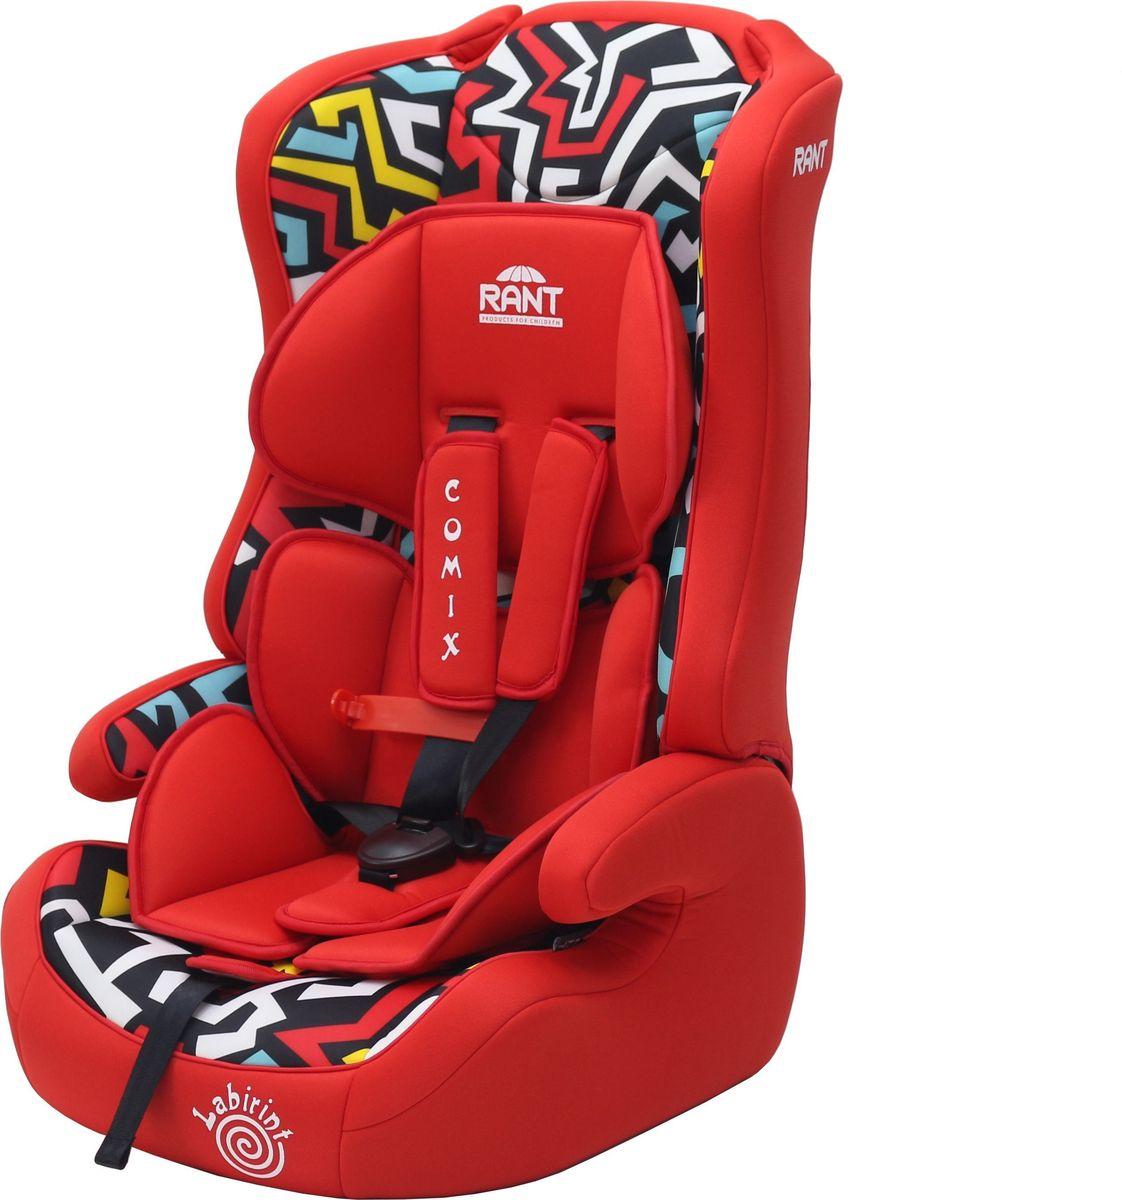 Rant Автокресло Comix Labirint цвет красный от 9 до 36 кг